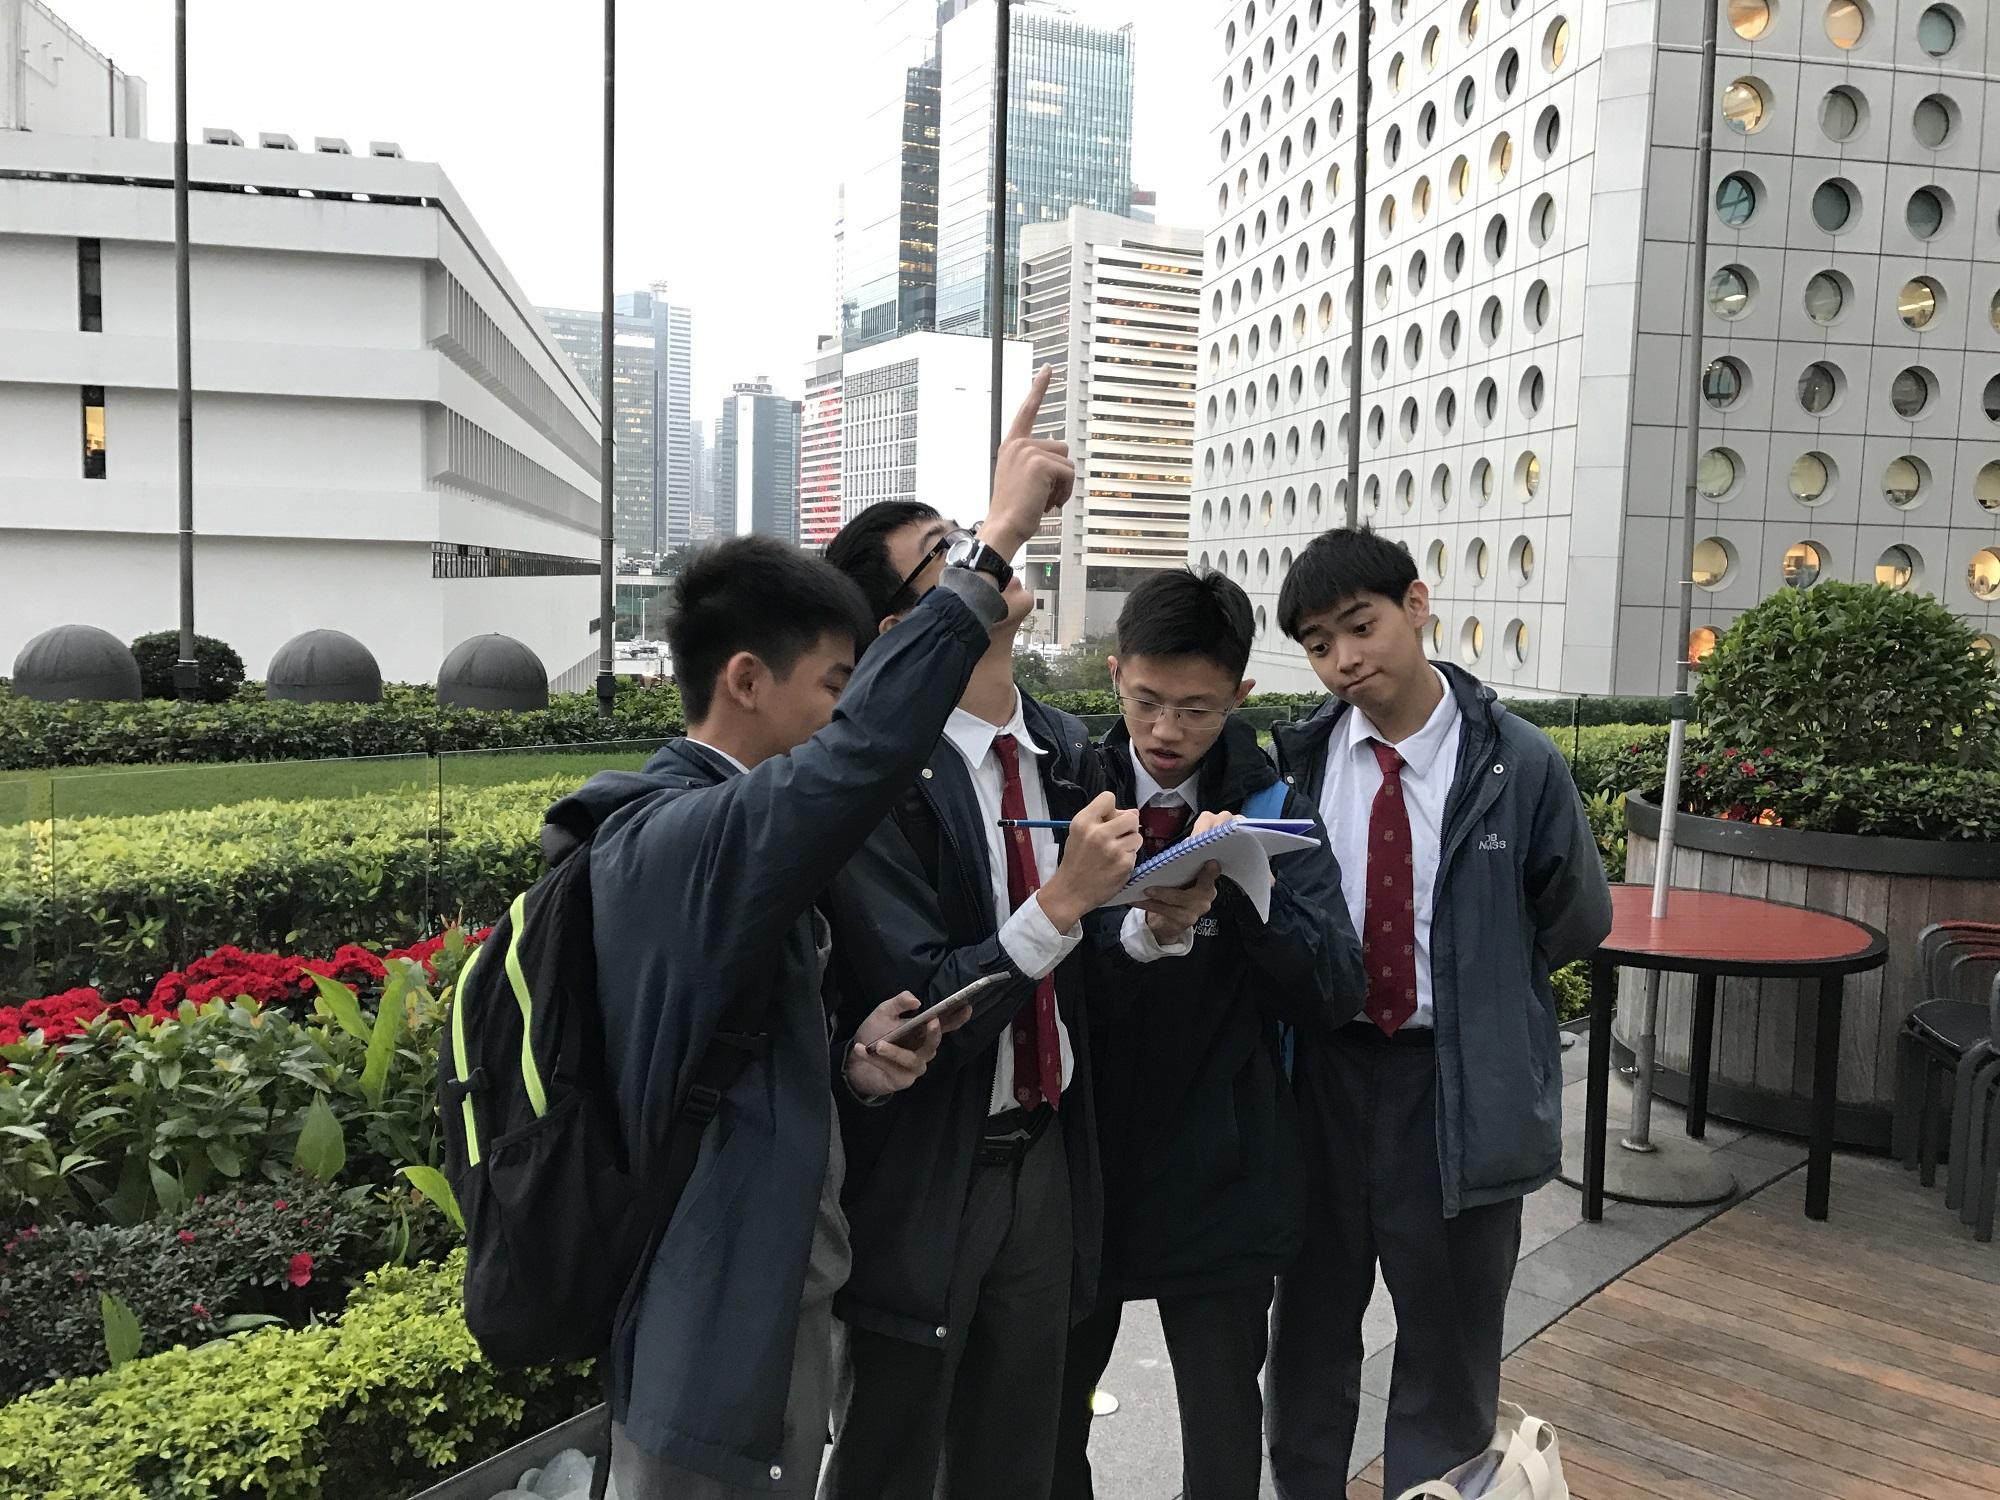 天主教慈幼會伍少梅中學的3D打印比賽銀獎 - 迷人的維港相片5